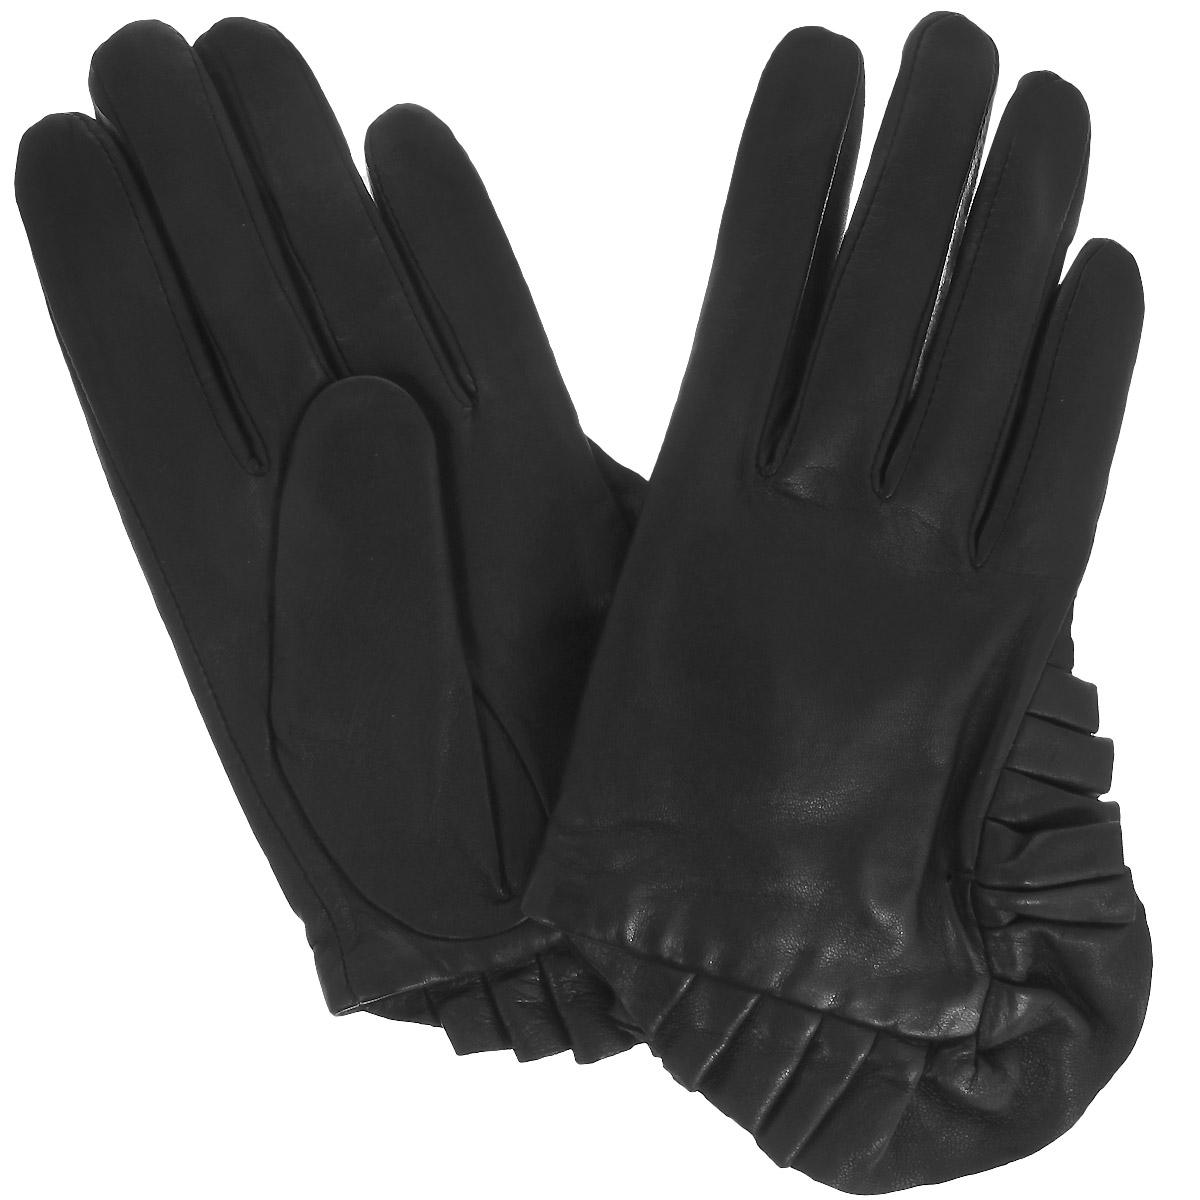 Перчатки женские Dali Exclusive, цвет: черный. 11_PAVIO/BL. Размер 7,511_PAVIO/BLСтильные женские перчатки Dali Exclusive с подкладкой из 100% шерсти выполнены из мягкой и приятной на ощупь натуральной кожи ягненка.Манжеты оформлены декоративной оборкой.Такие перчатки подчеркнут ваш стиль и неповторимость и придадут всему образу нотки женственности и элегантности.